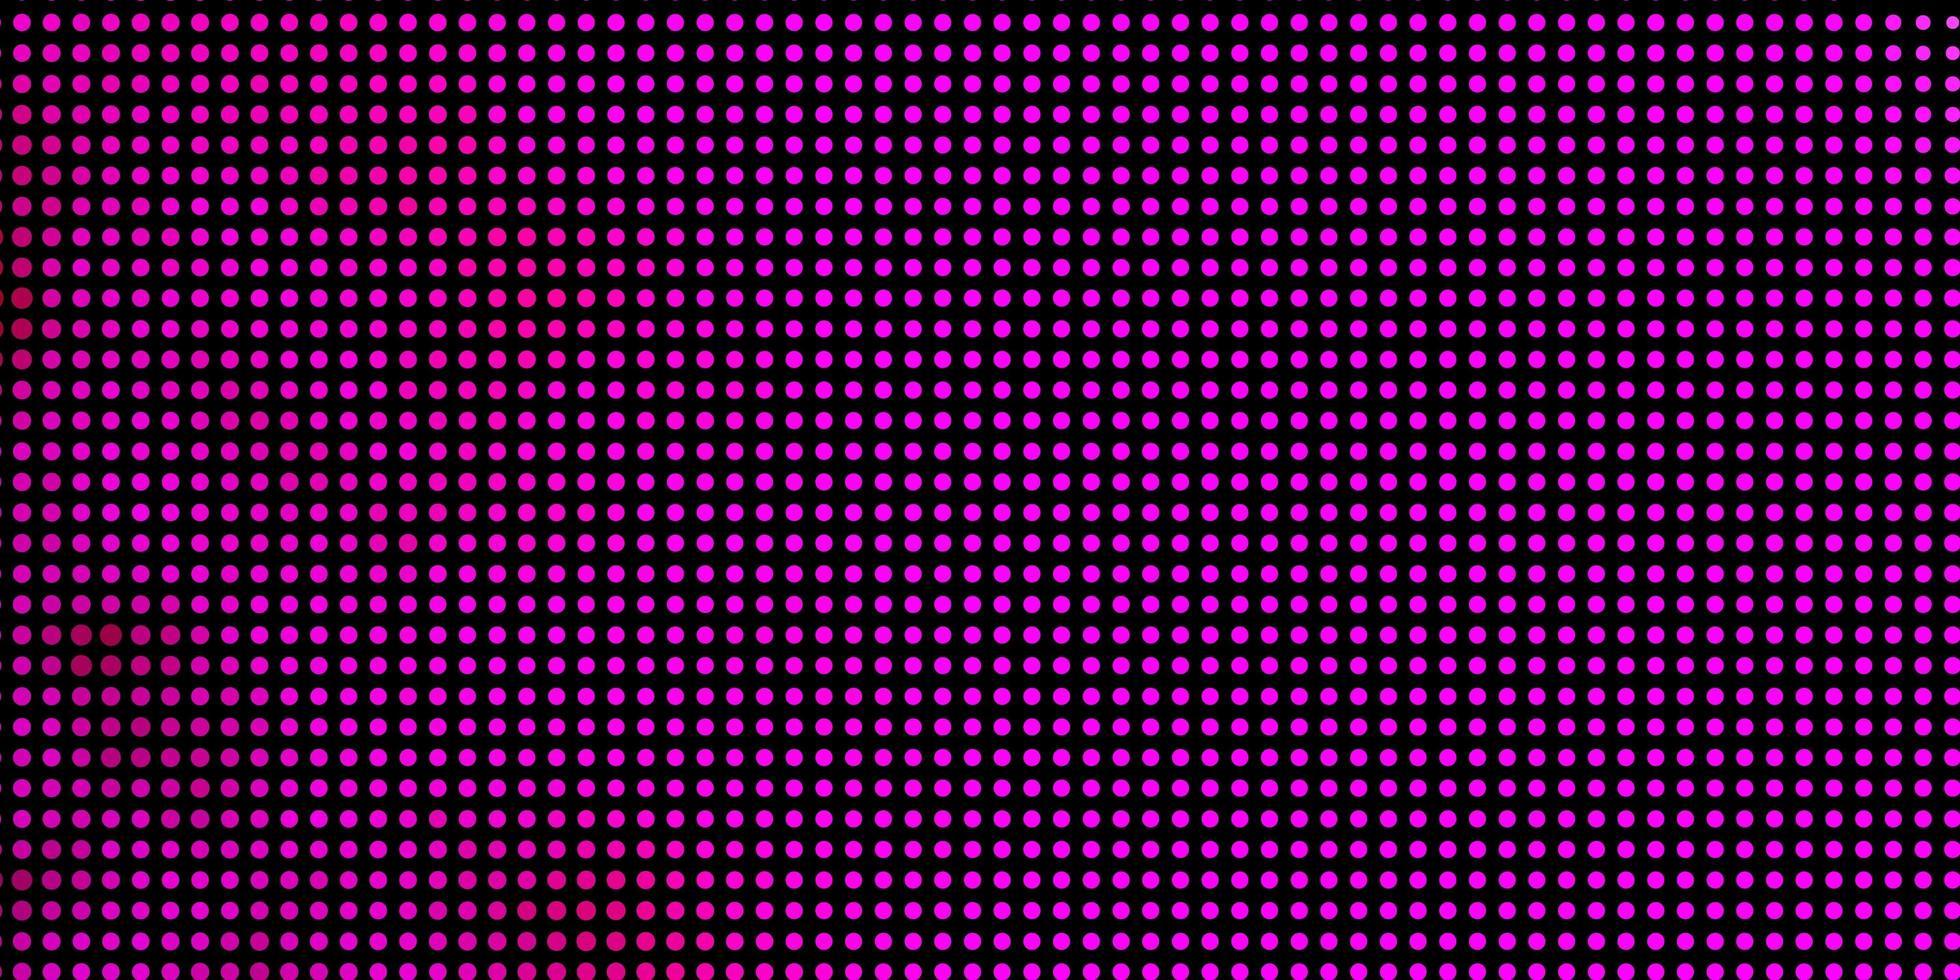 patrón rosa con círculos. vector